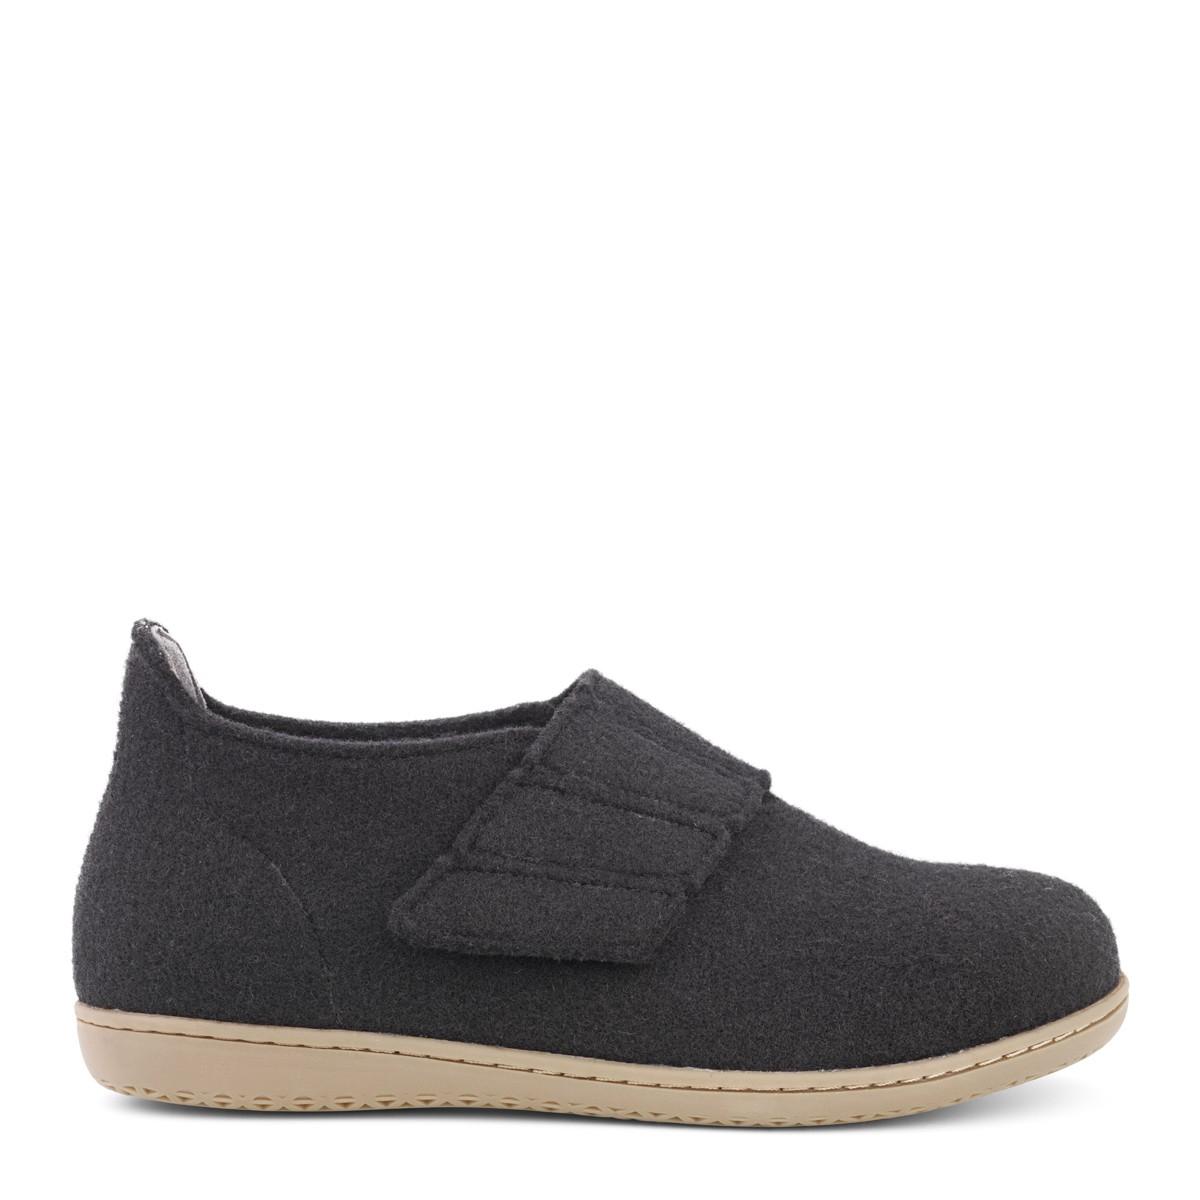 Image of   New Feet dame hjemmesko i uld med hælkappe